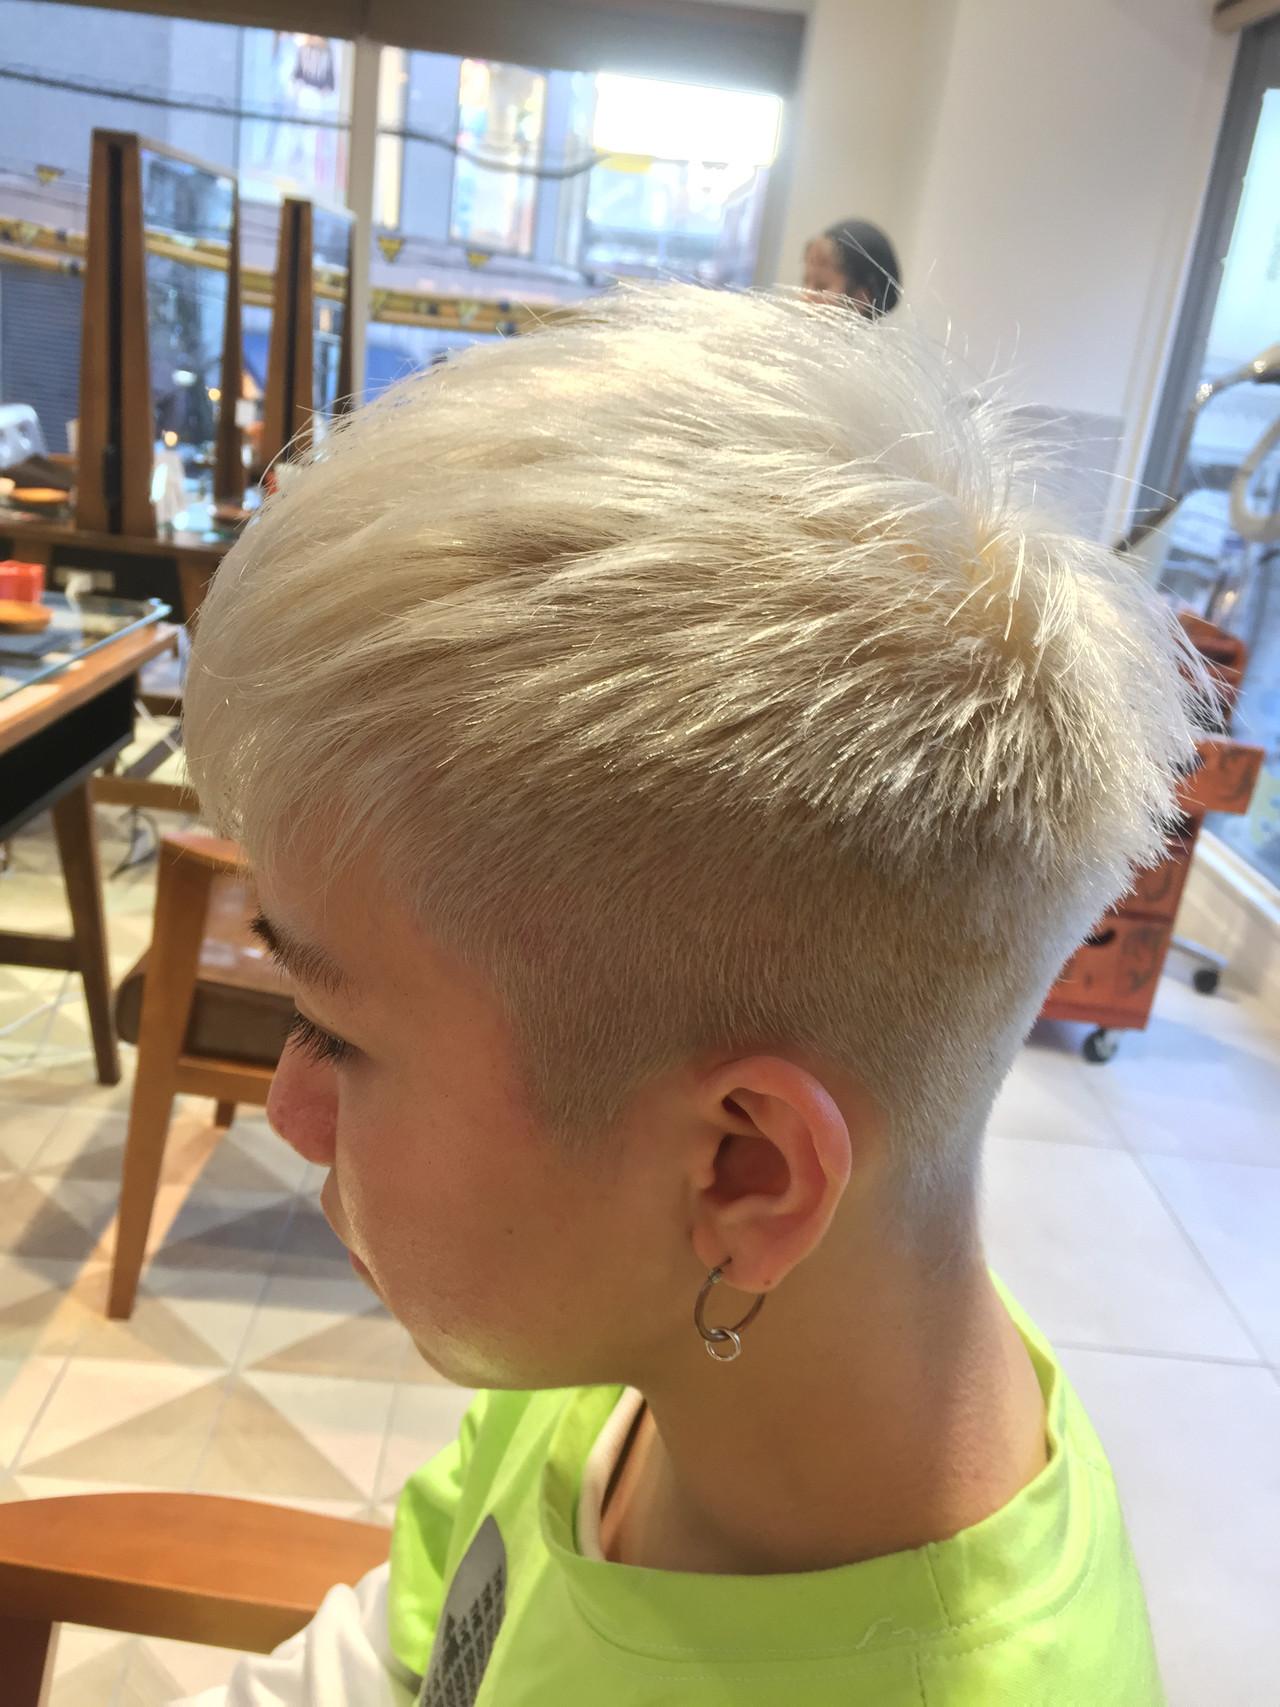 モード フェードカット ショート メンズヘア ヘアスタイルや髪型の写真・画像